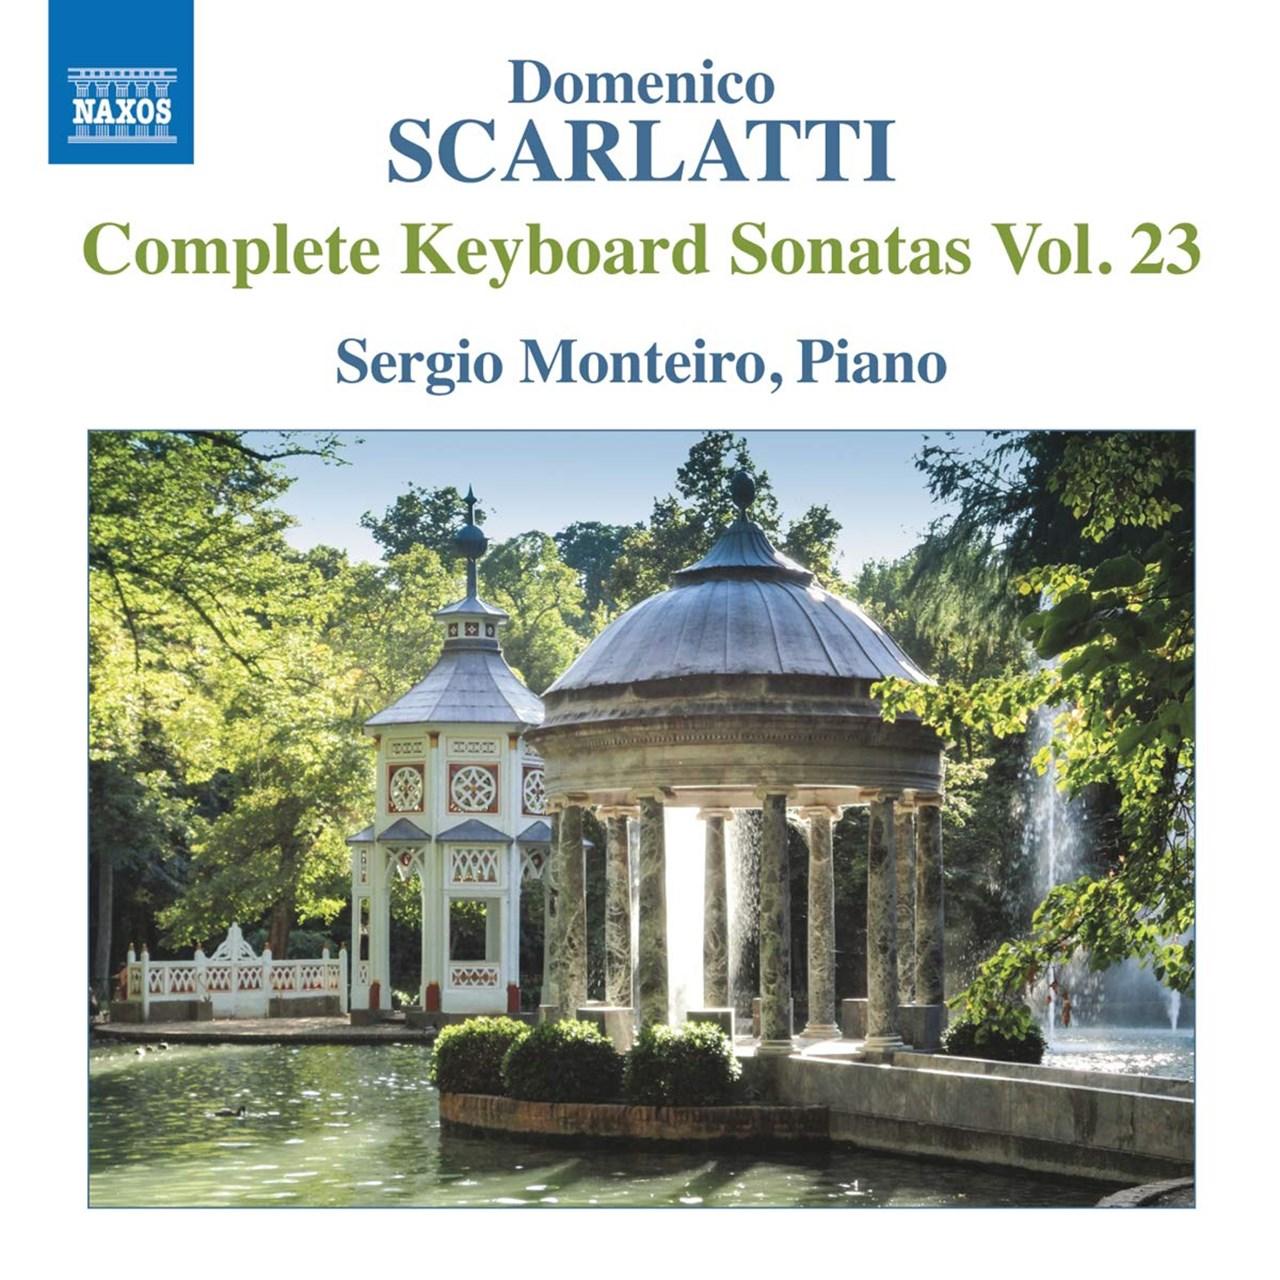 Domenico Scarlatti: Complete Keyboard Sonatas - Volume 23 - 1